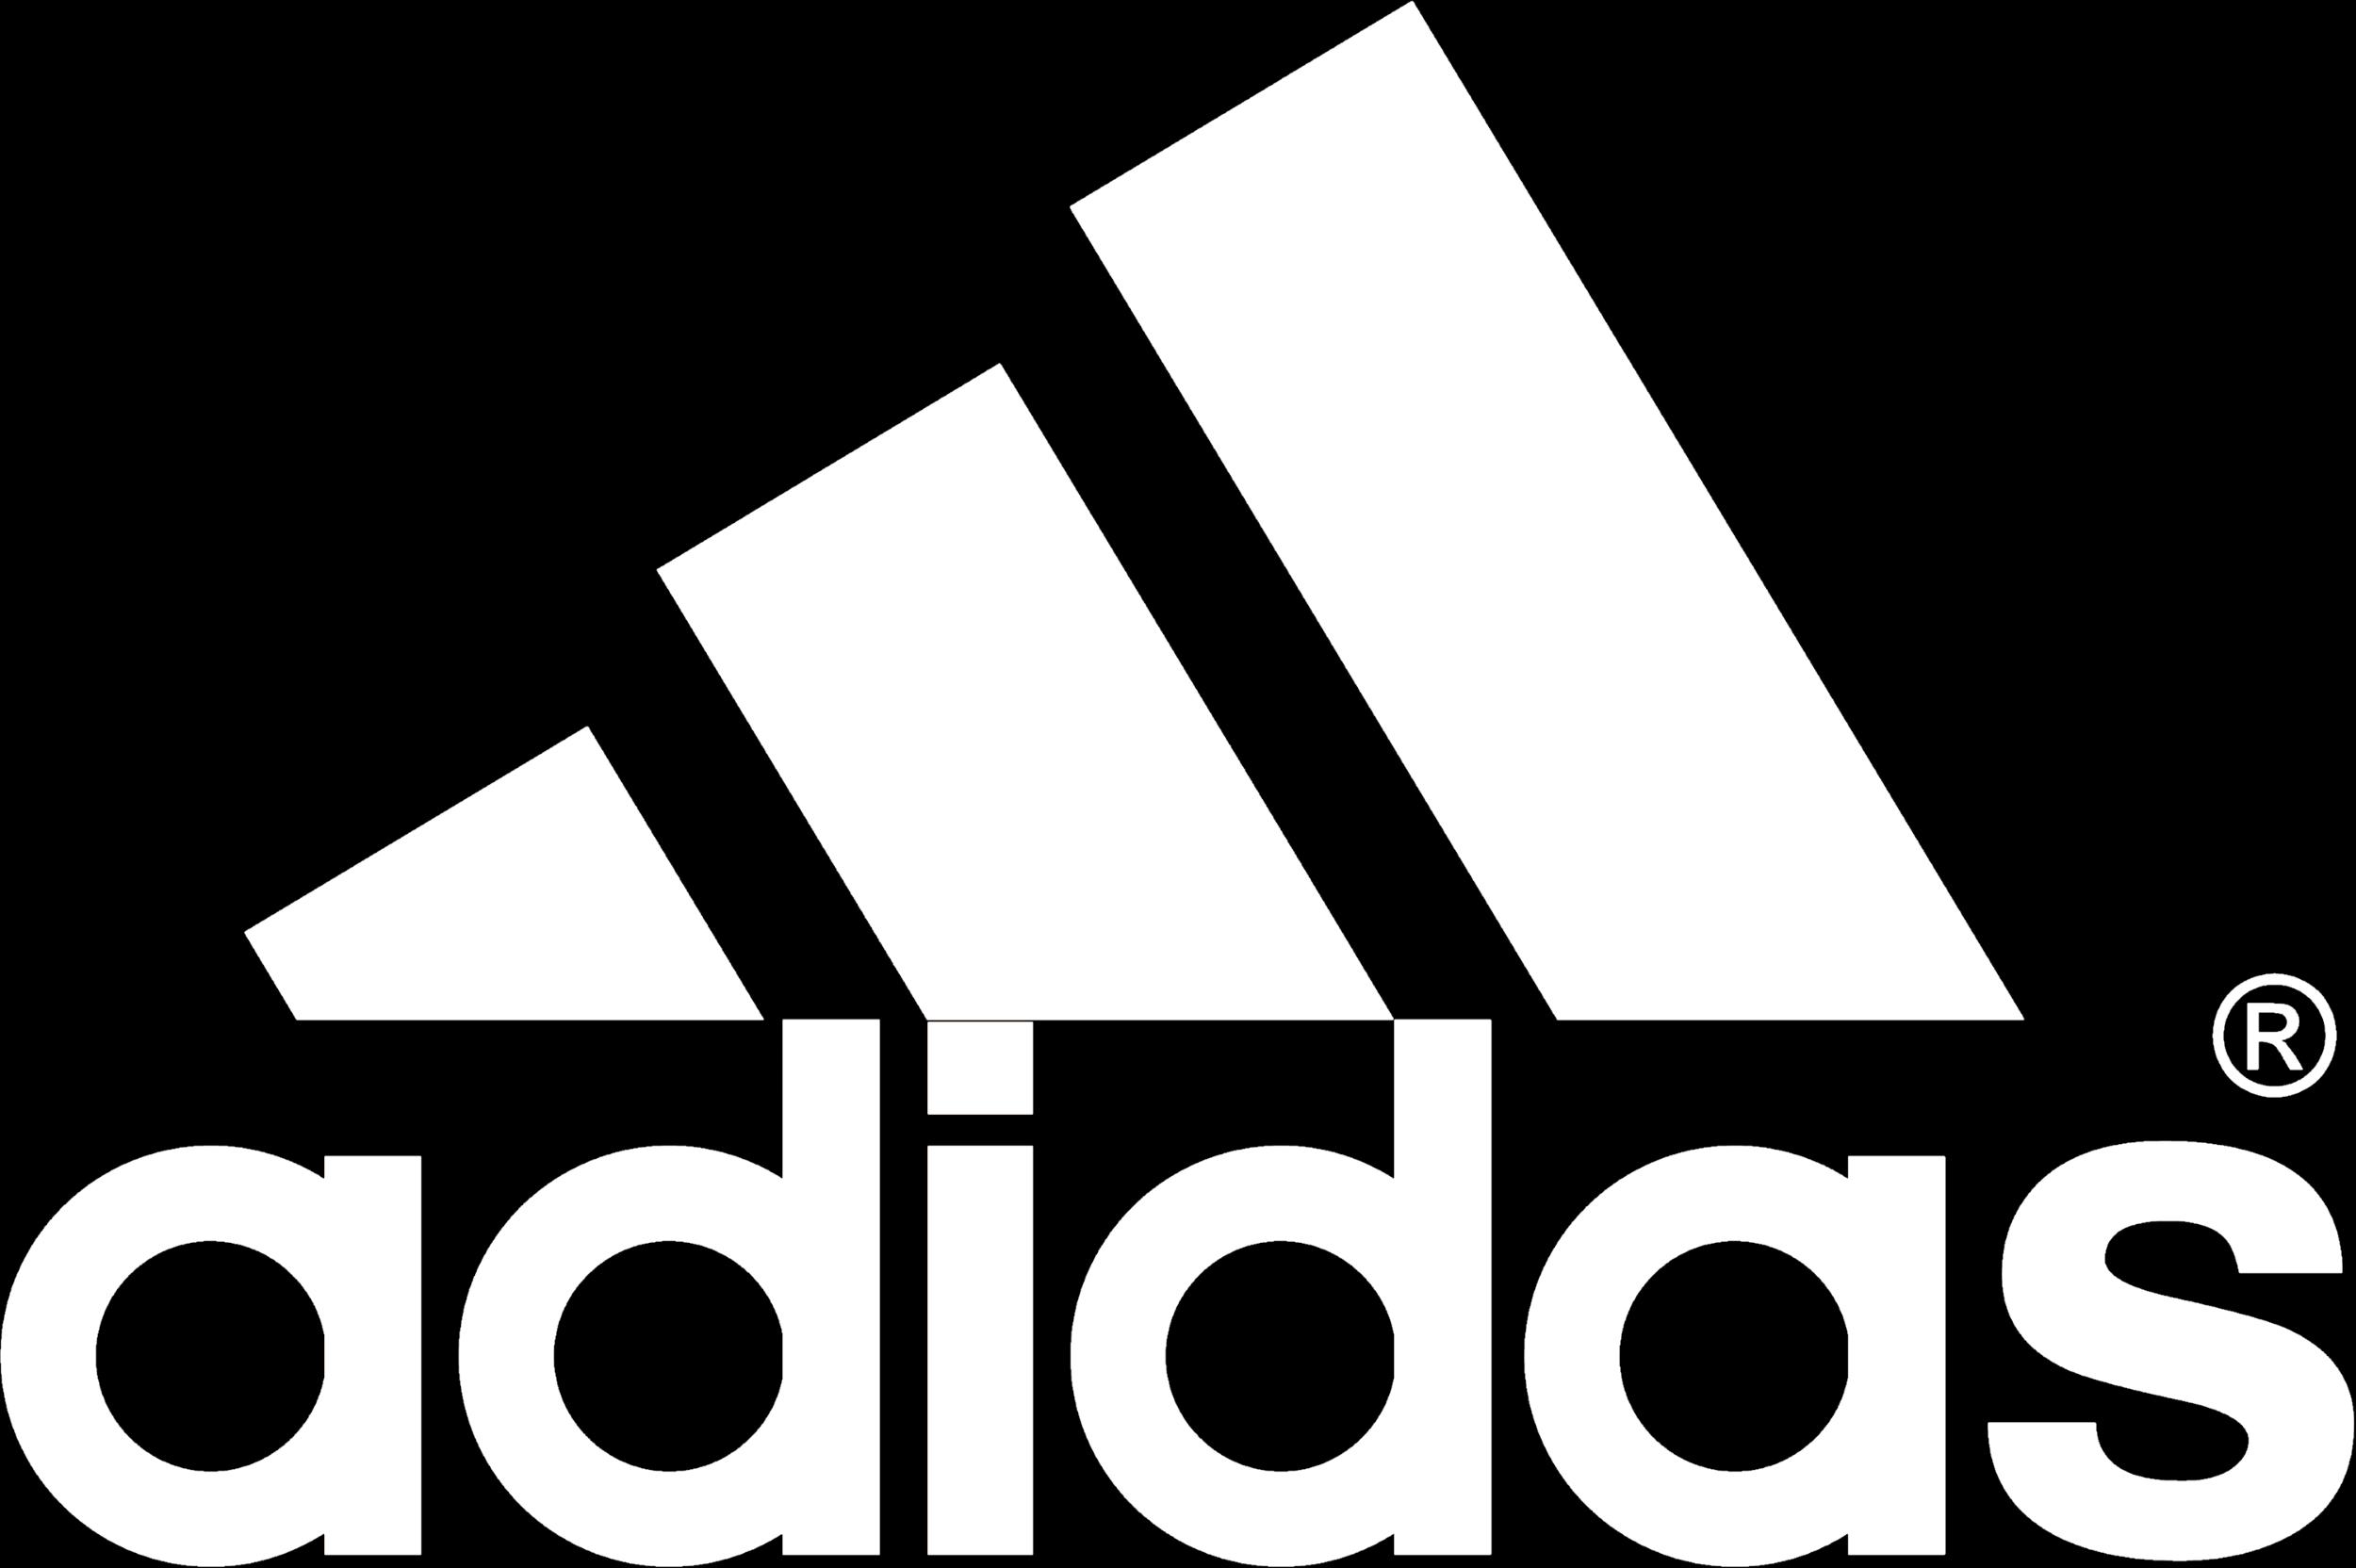 Adidas-Logo-6.png 12 dezembro, 2015 177 kB 2500 × 1664 - Adidas Logo PNG